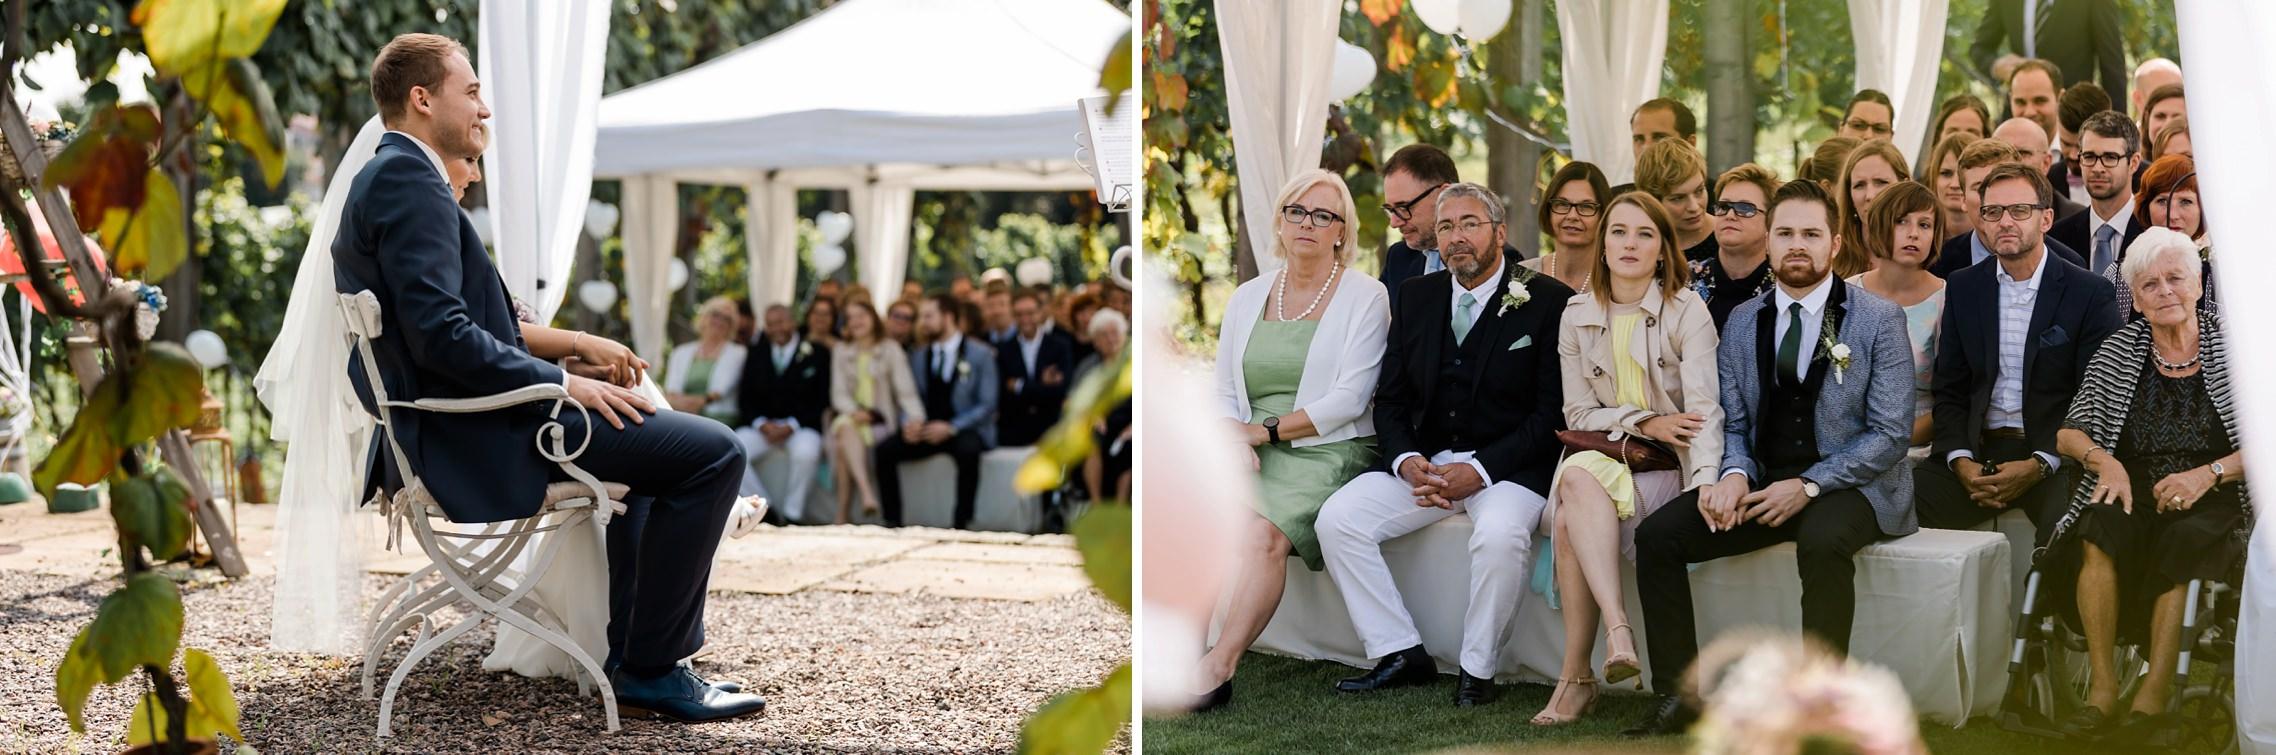 Aufmerksam beobachtet die Familie das Brautpaar während der freien Trauung im Weingut Fitz-Ritter in Bad Dürkheim.